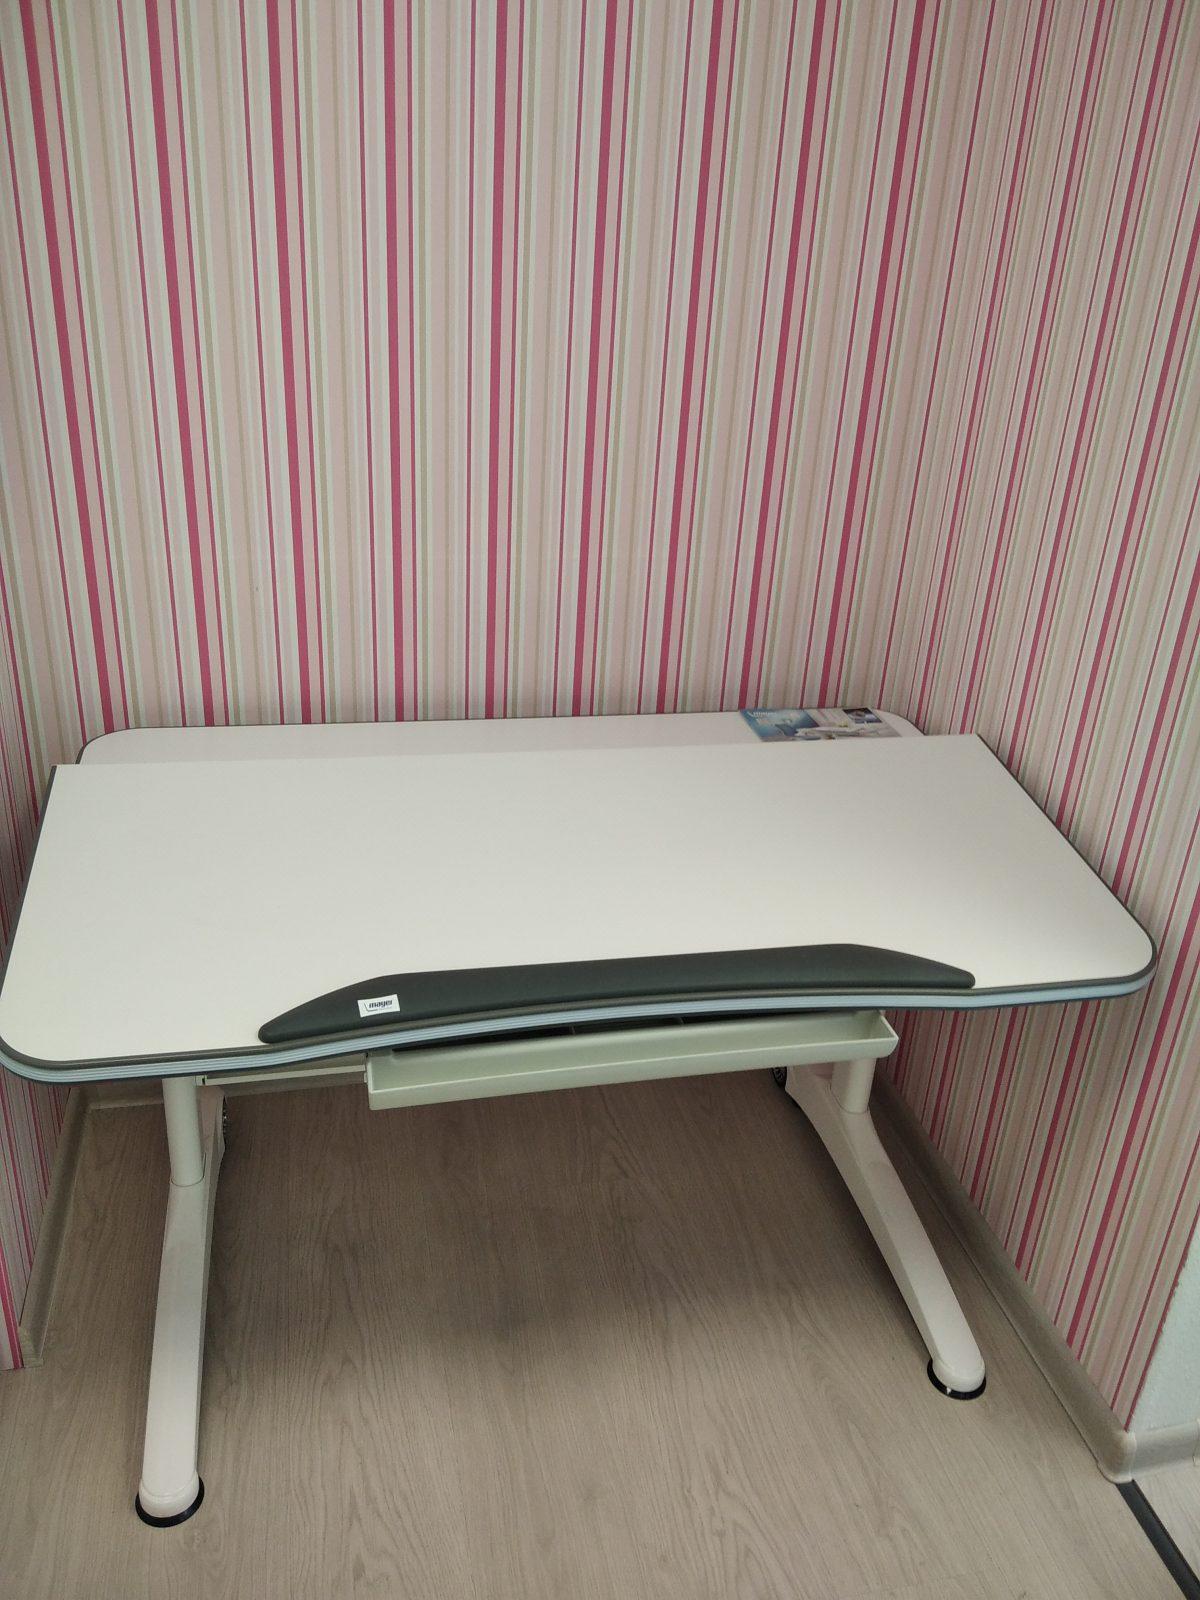 IMG 20210517 130219 scaled - Delso - dětský, kancelářský a bytový nábytek